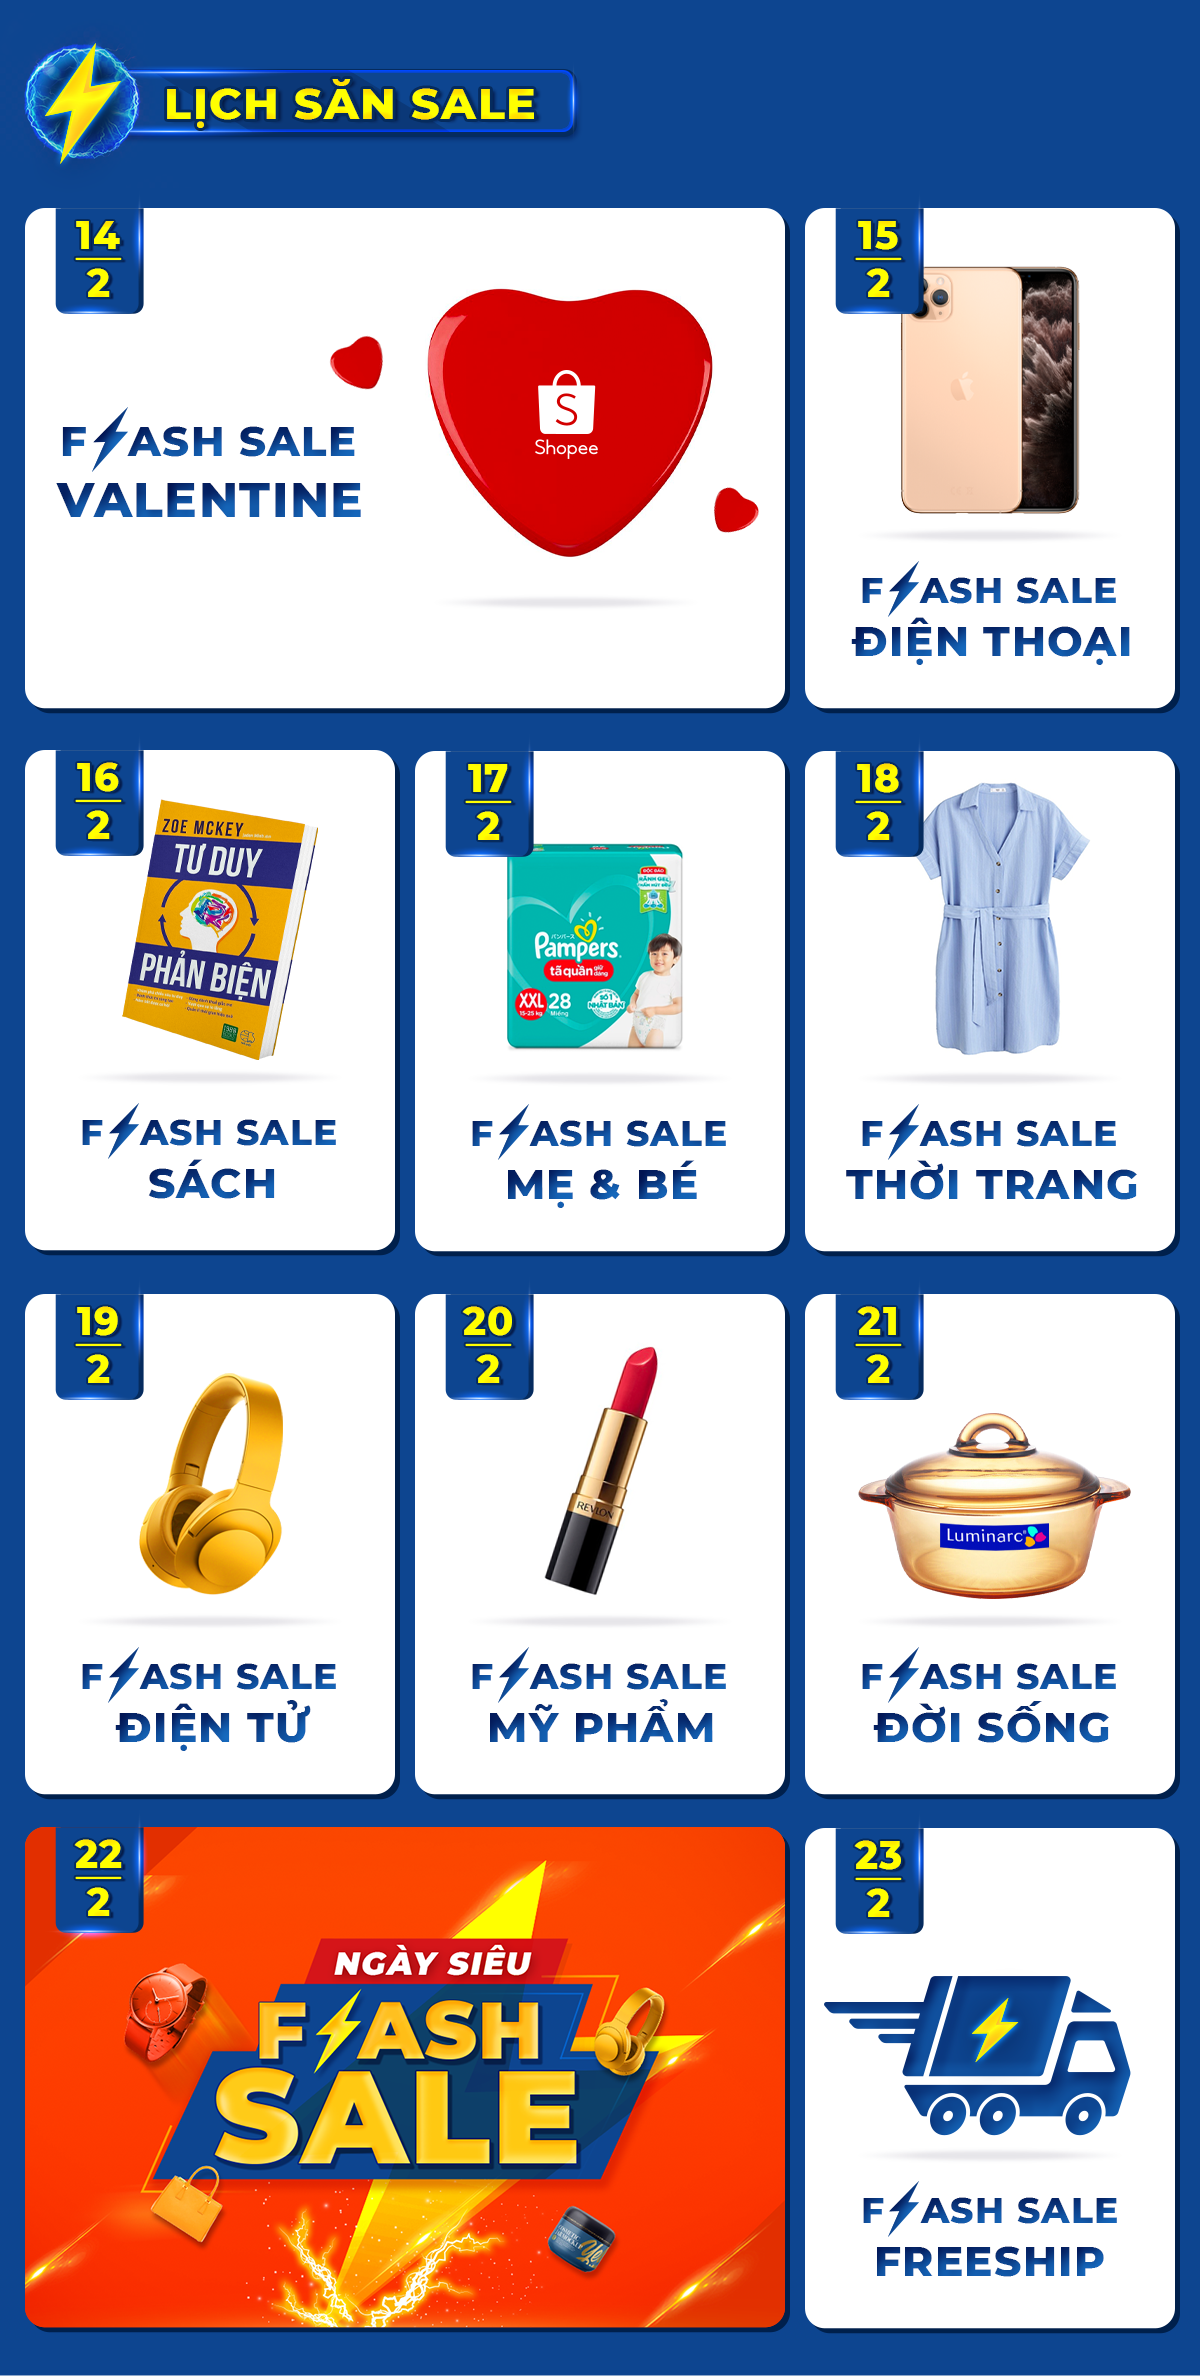 Lịch săn Flash Sale Rẻ Vô Địch